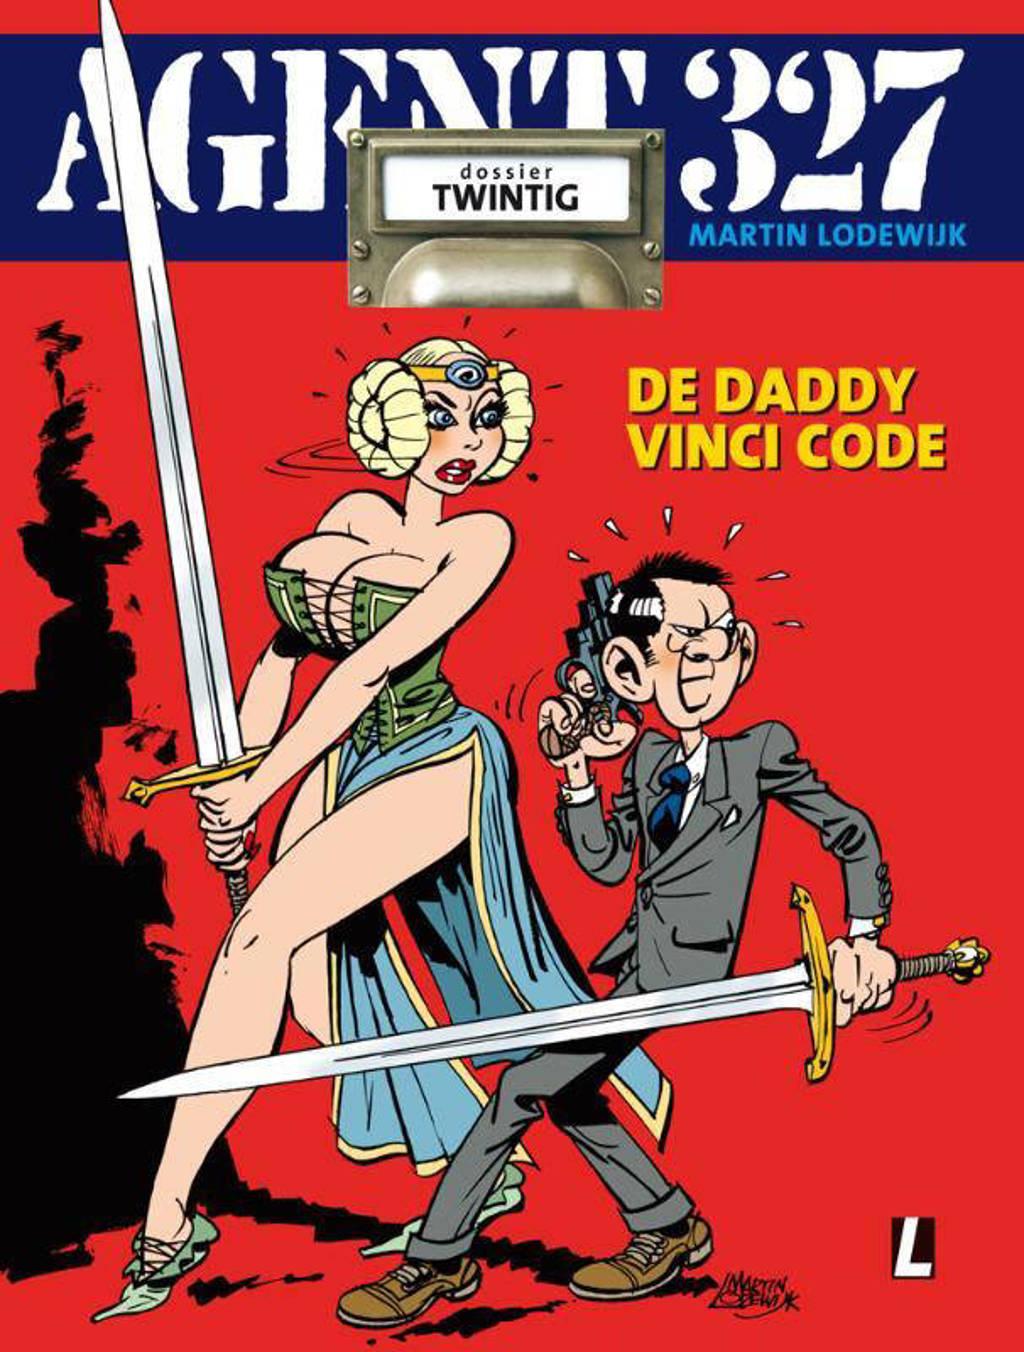 Agent 327: De Daddy Vinci Code - Martin Lodewijk